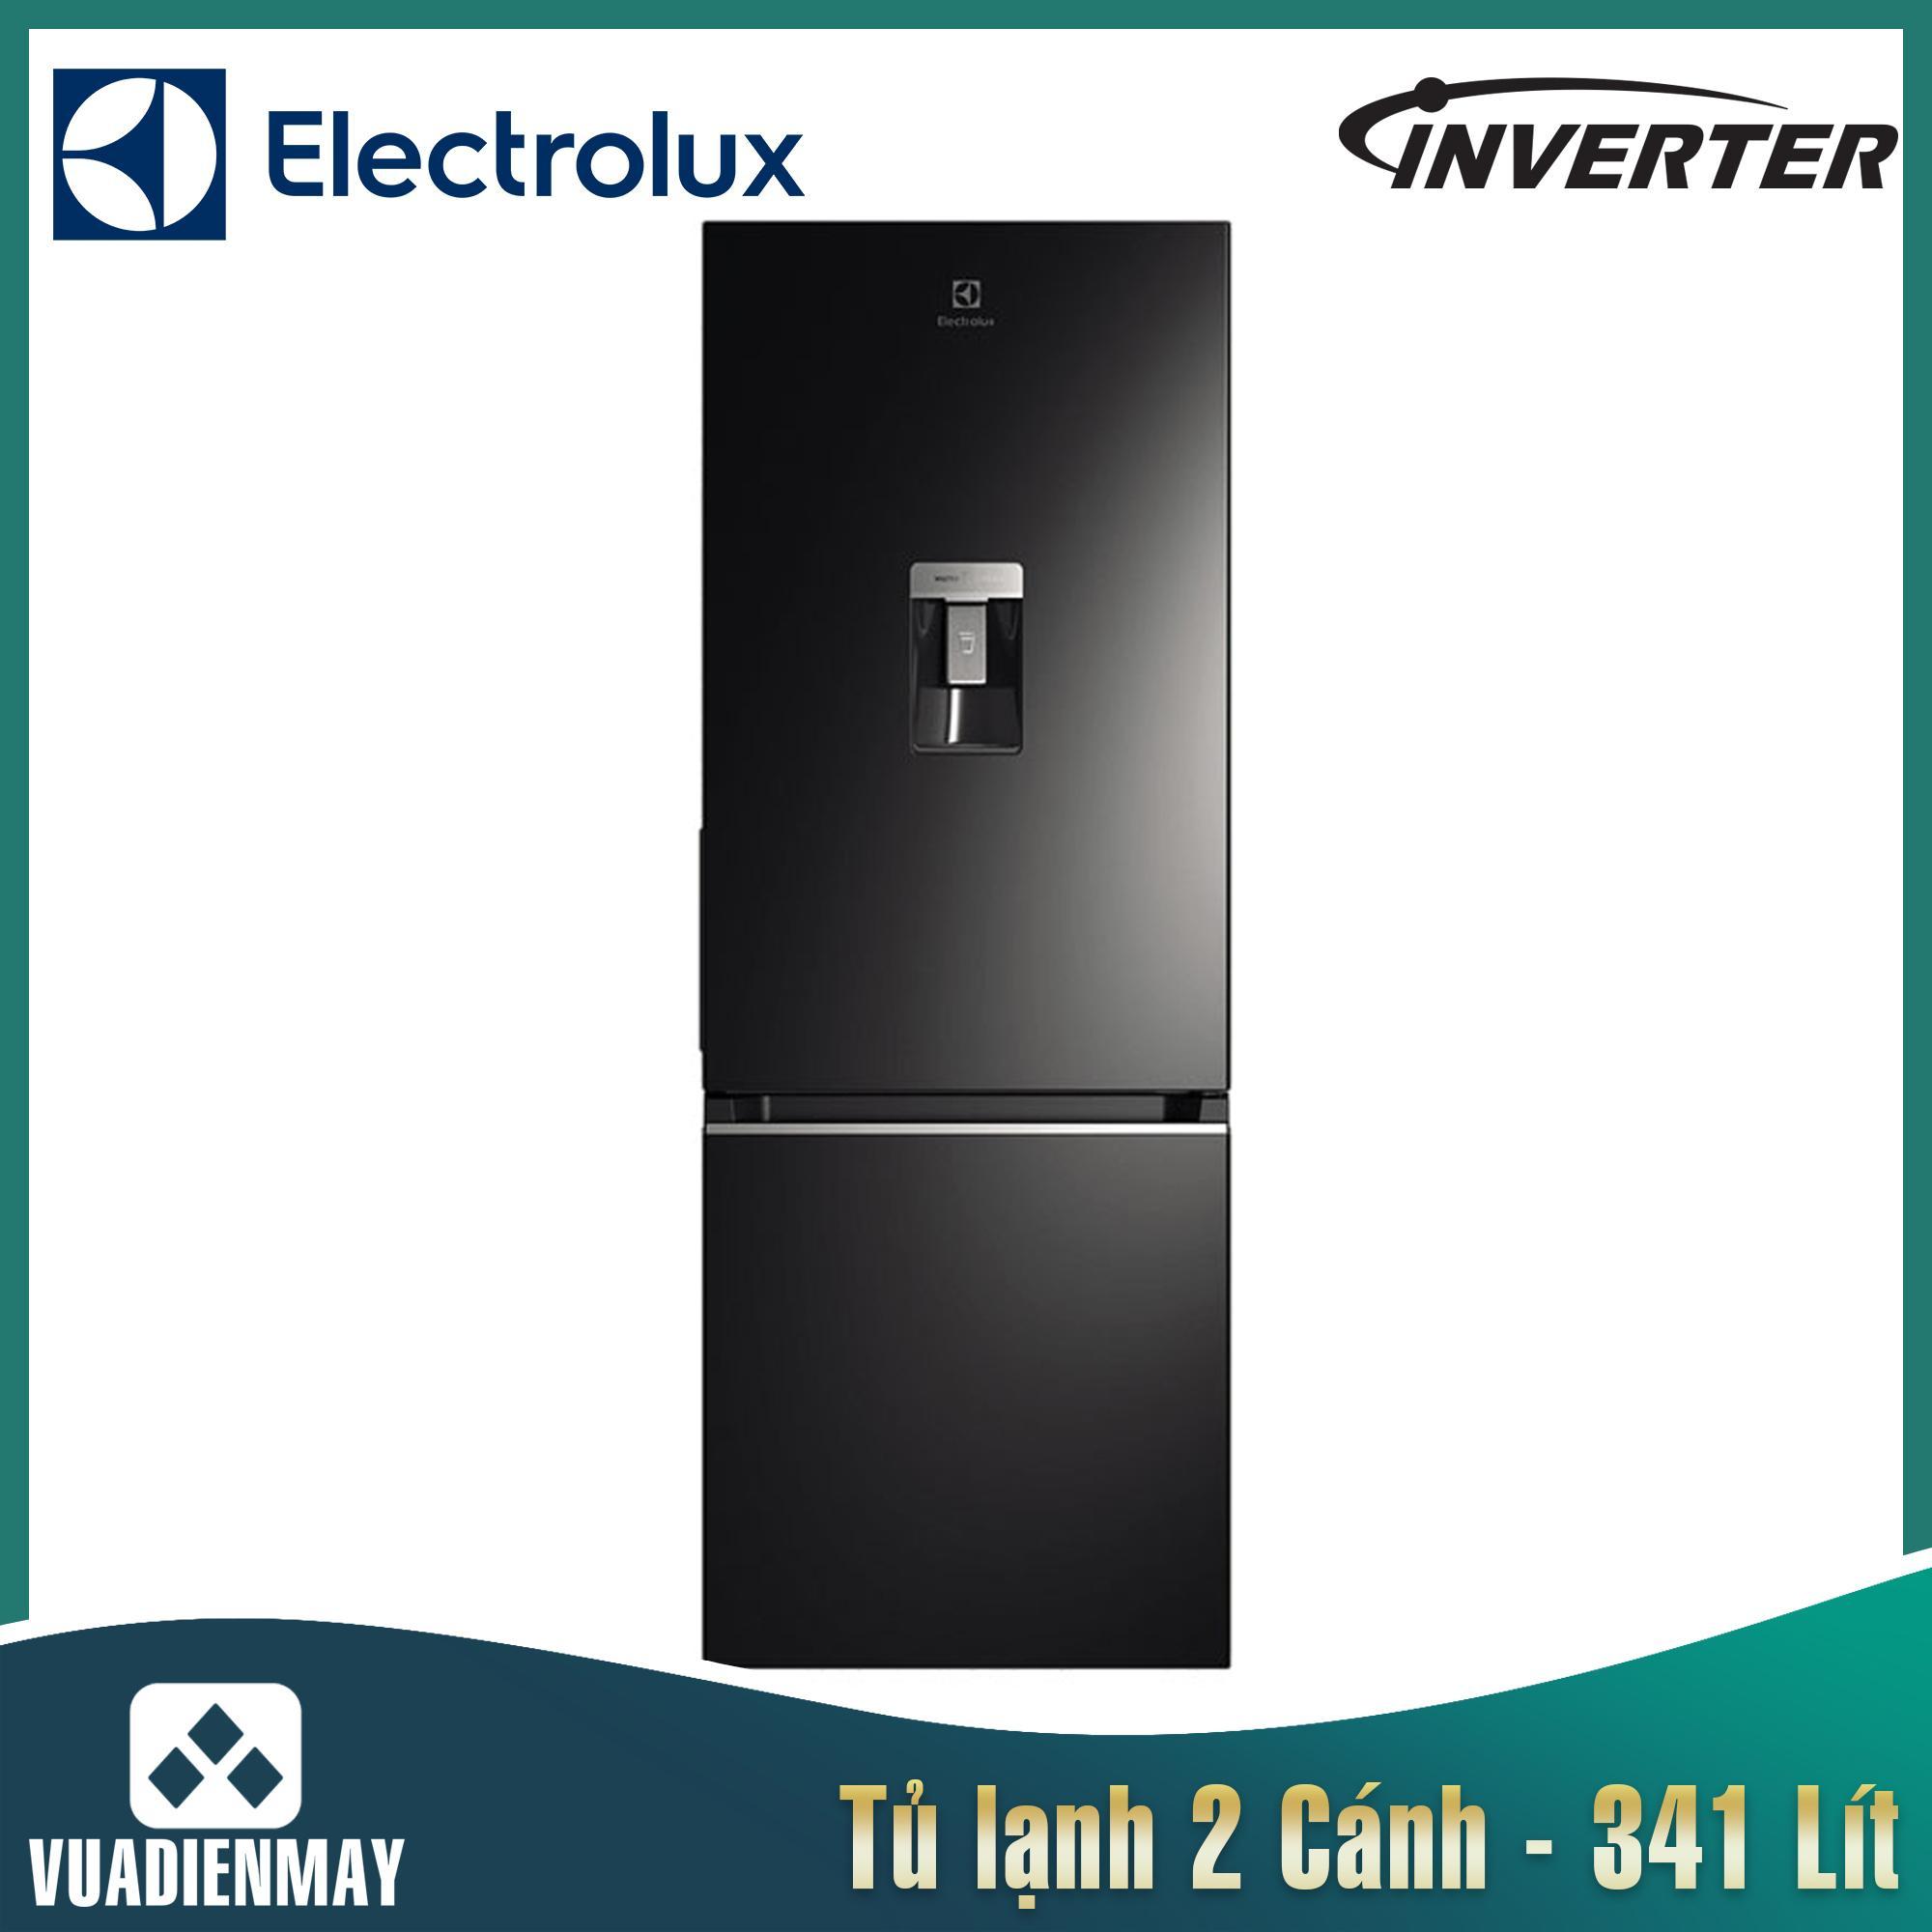 Tủ lạnh Electrolux Inverter  341L màu đen